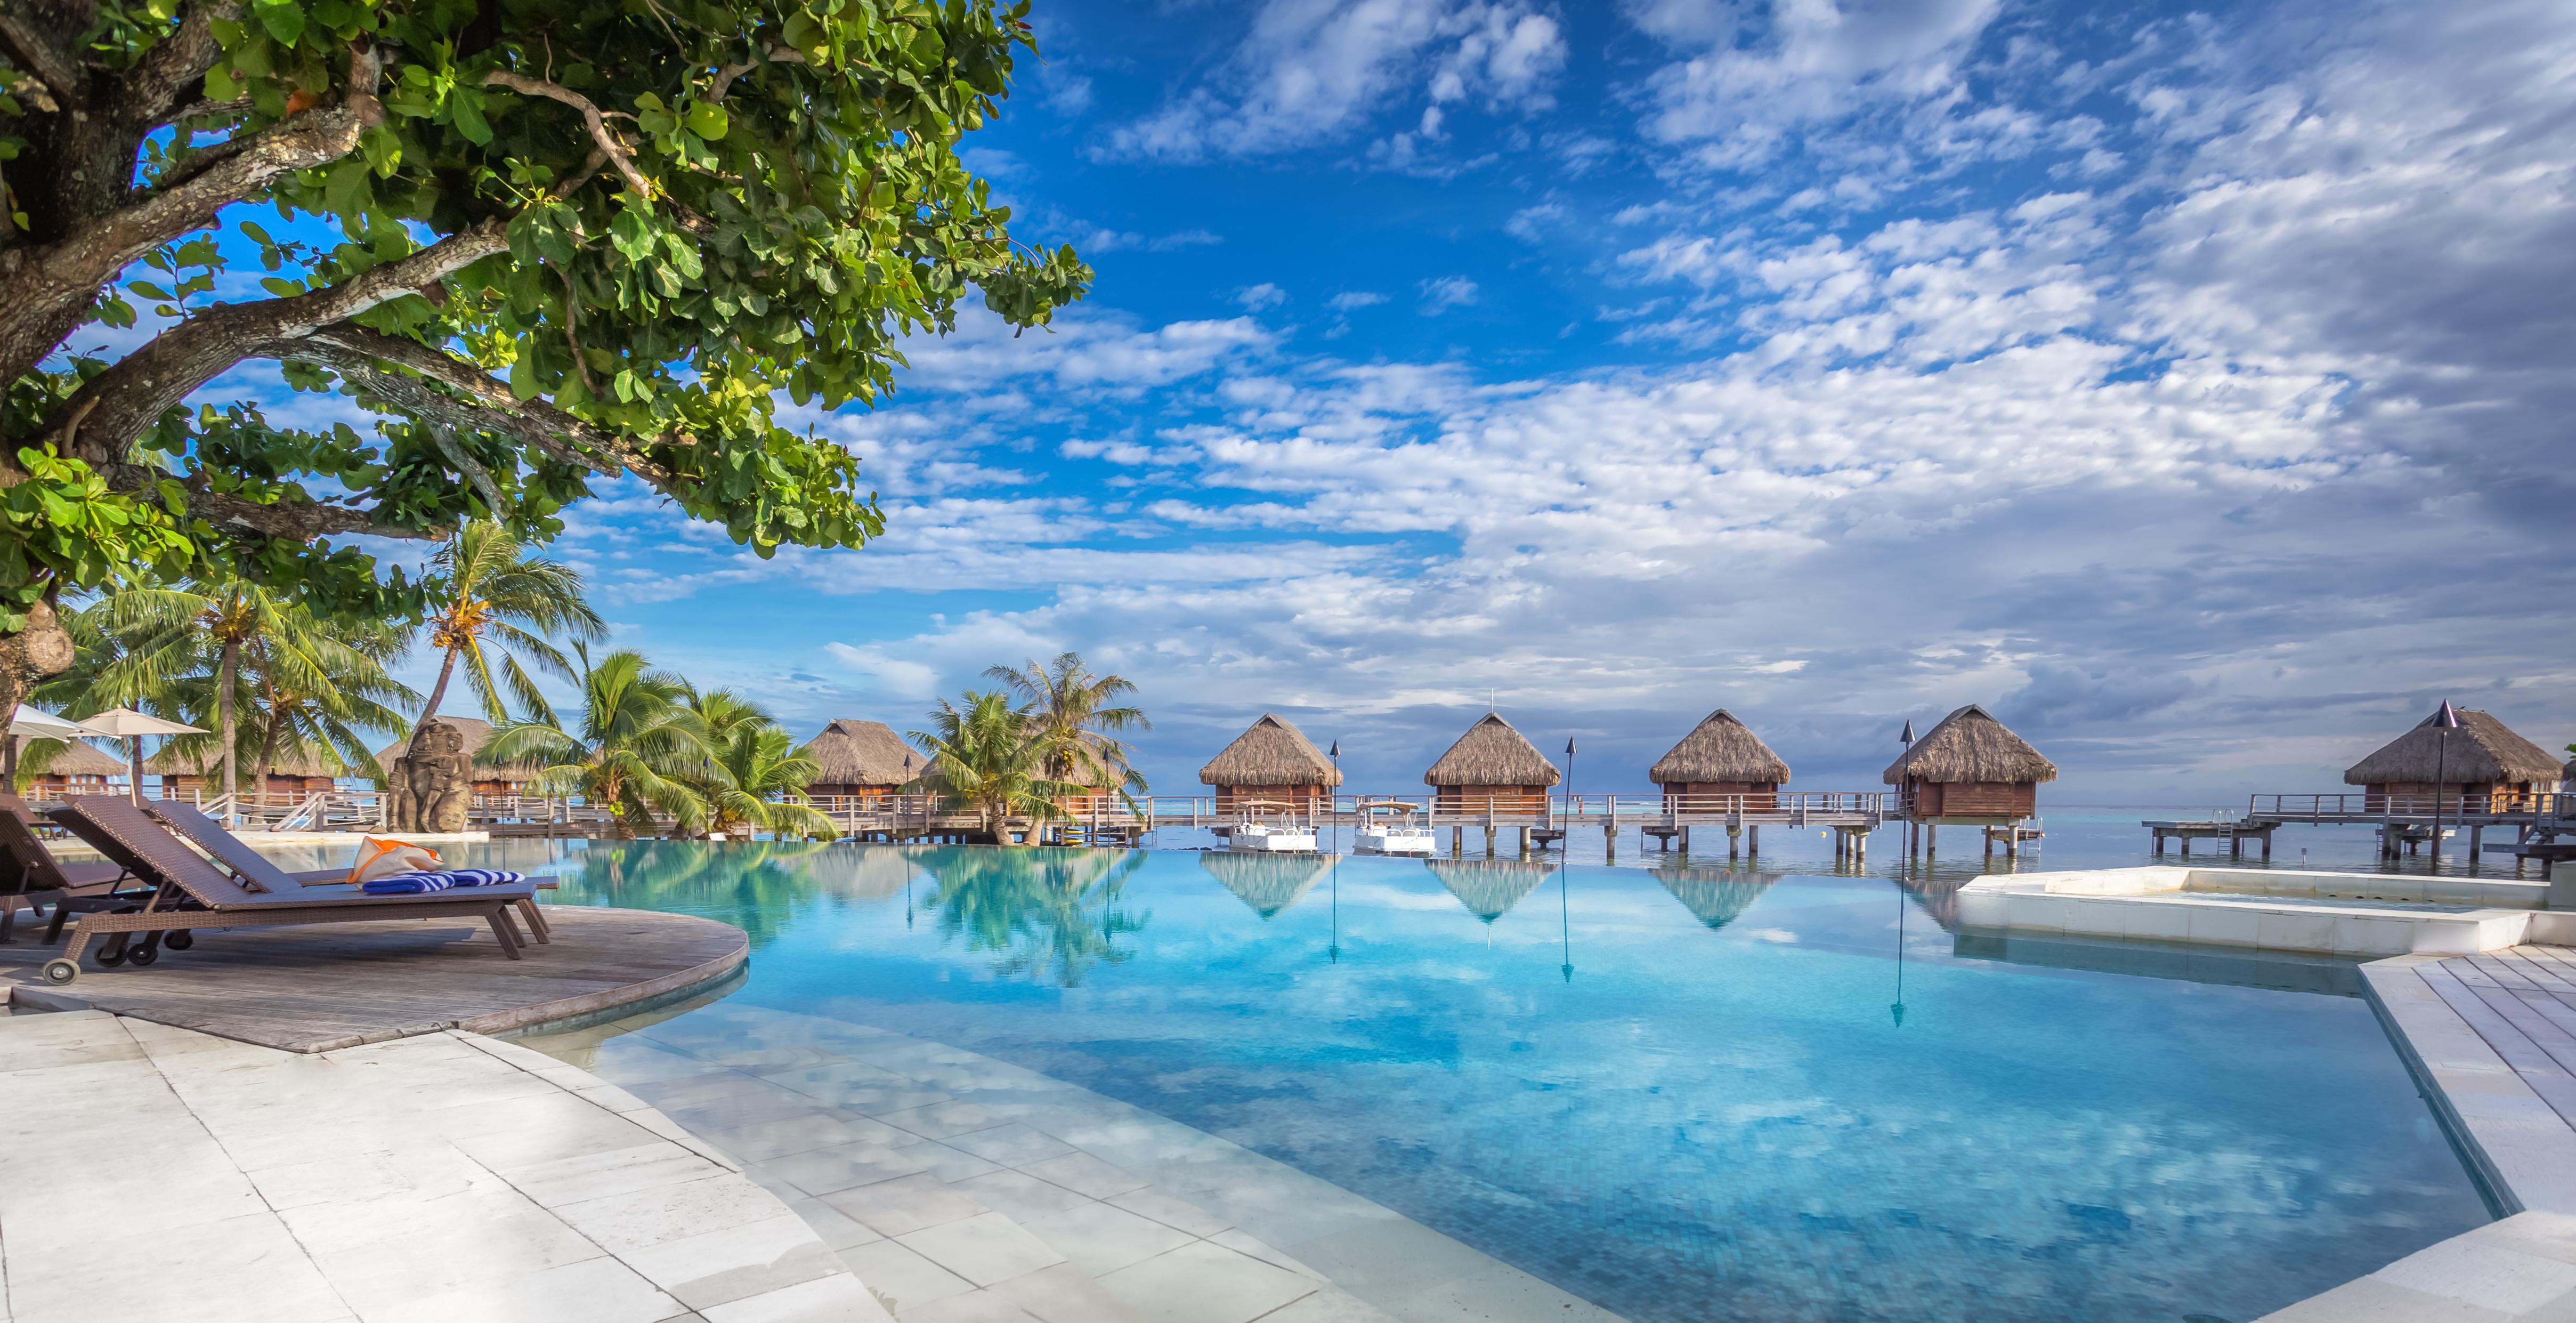 https://tahititourisme.mx/wp-content/uploads/2017/08/HEBERGEMENT-Manava-Beach-Resort-and-Spa-Moorea-1-Charles_Veronese.jpg